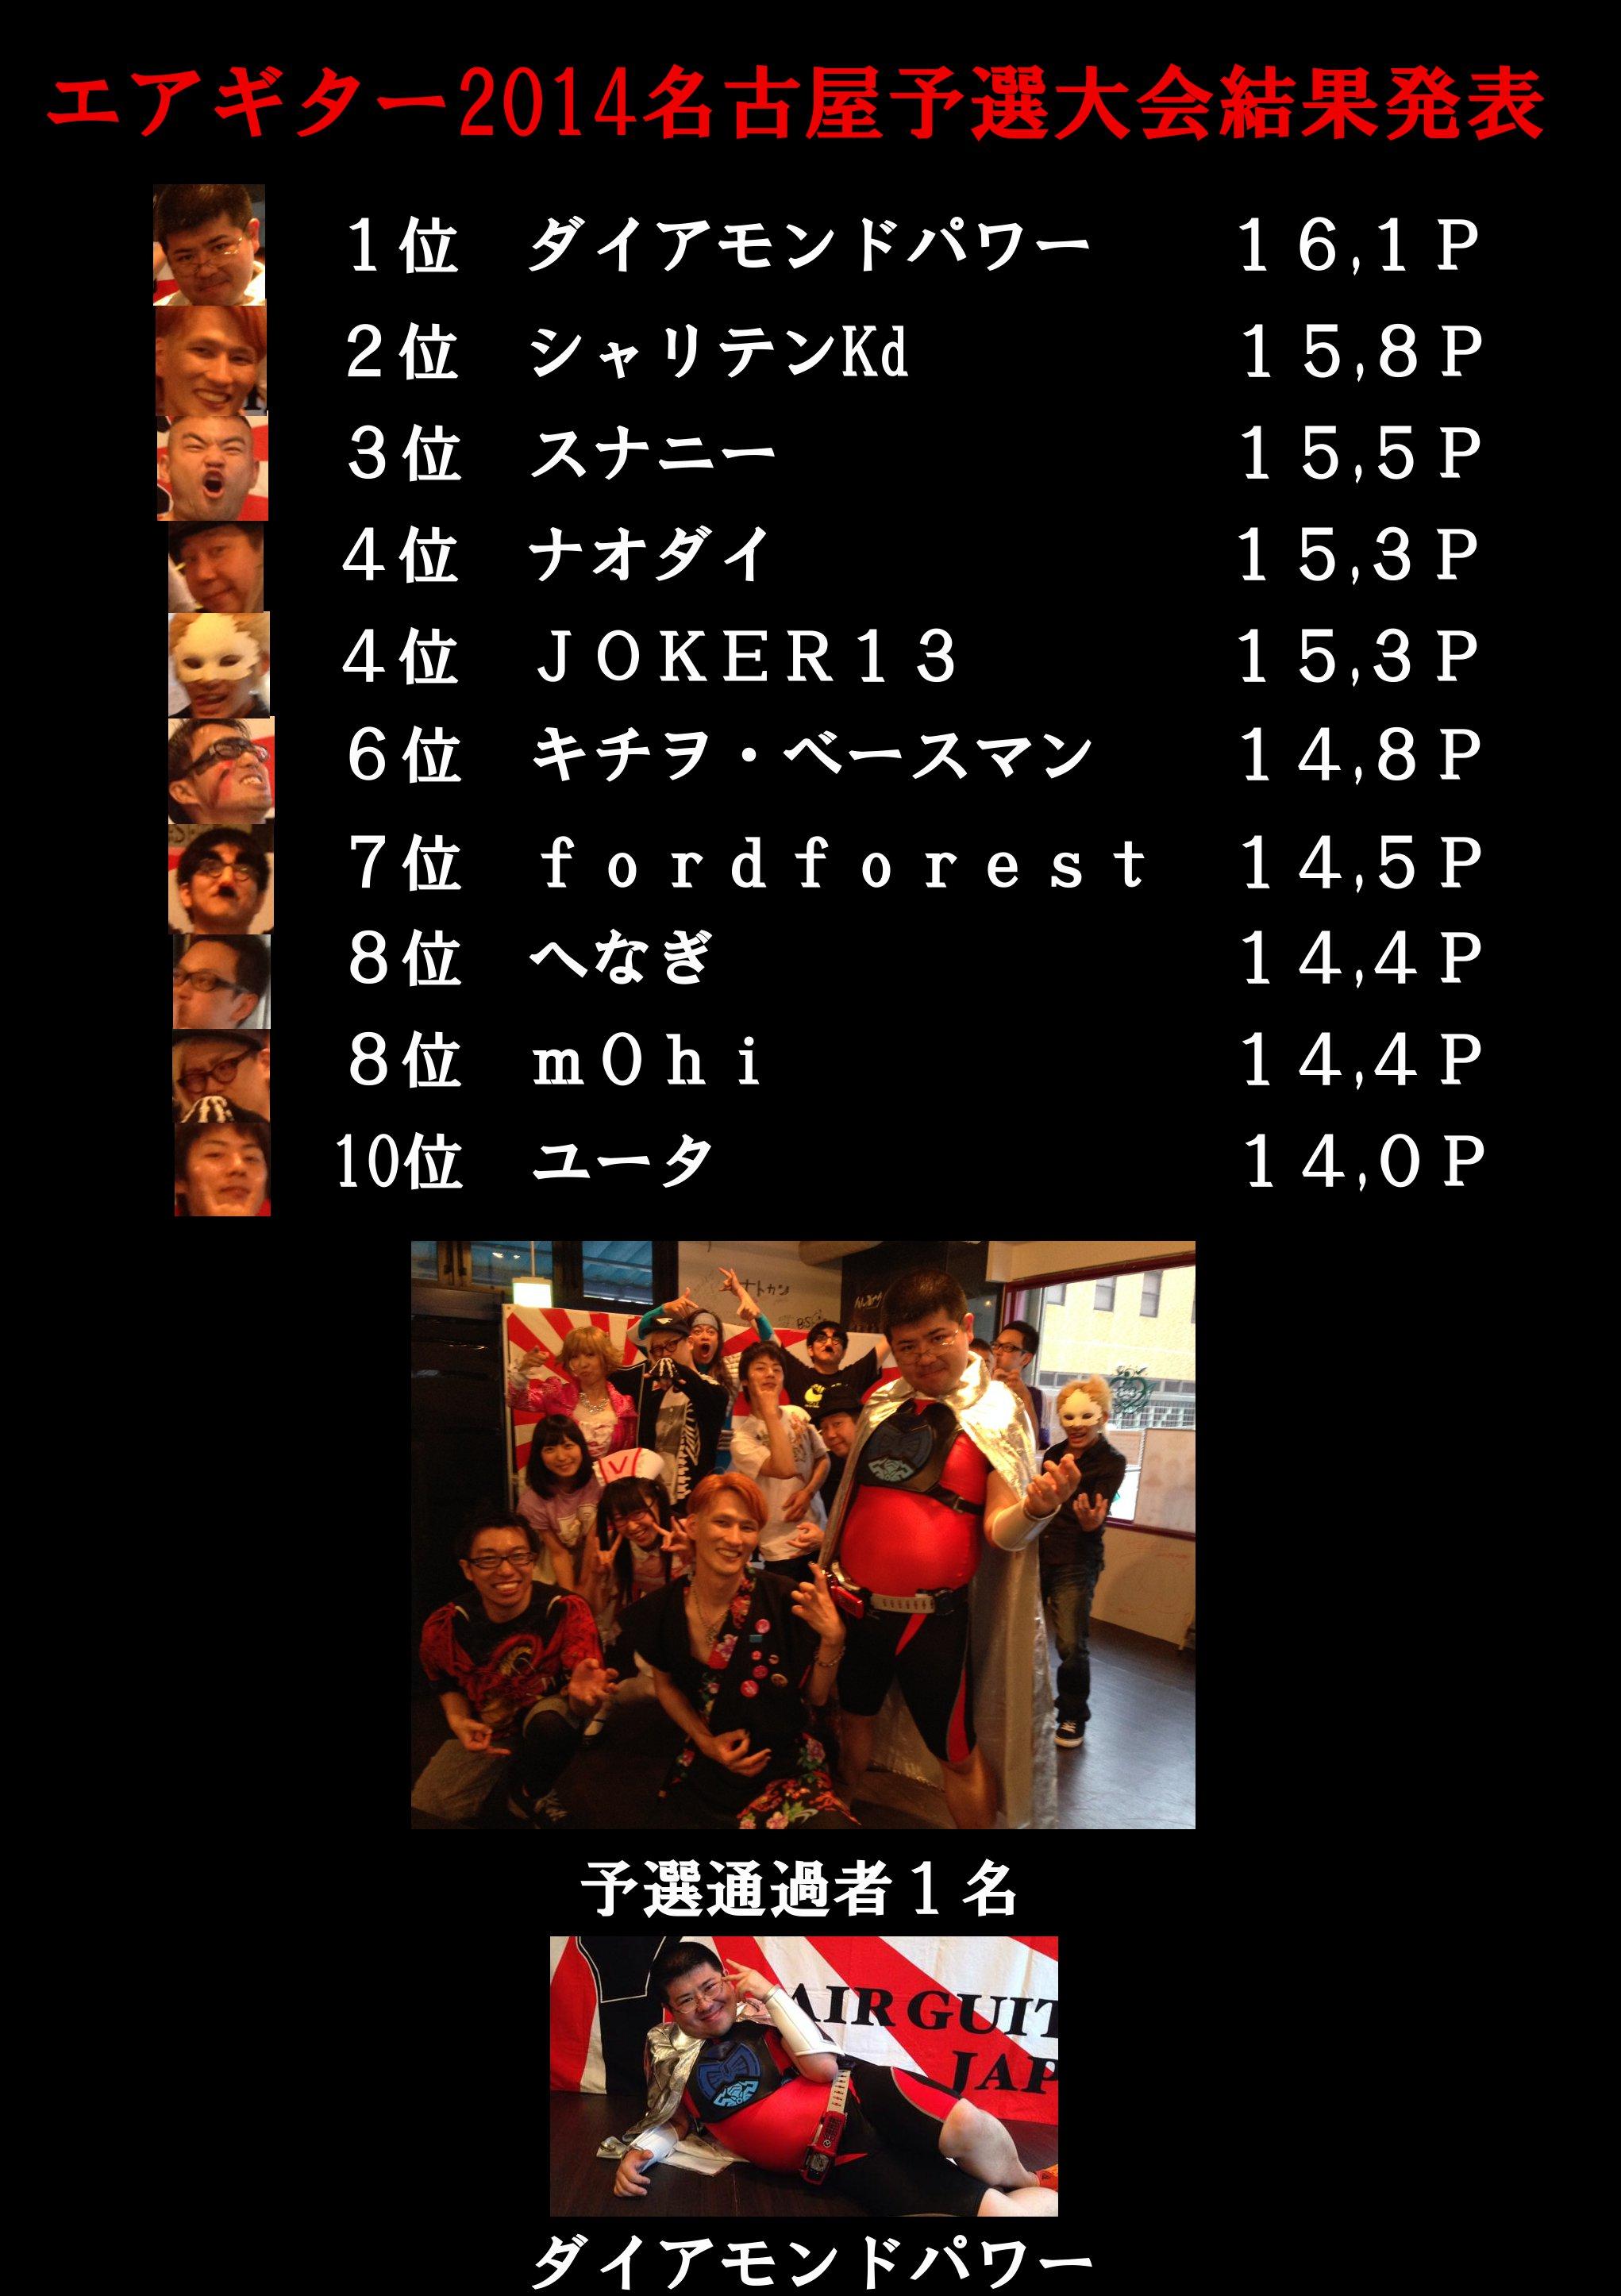 エアギター2014名古屋予選結果